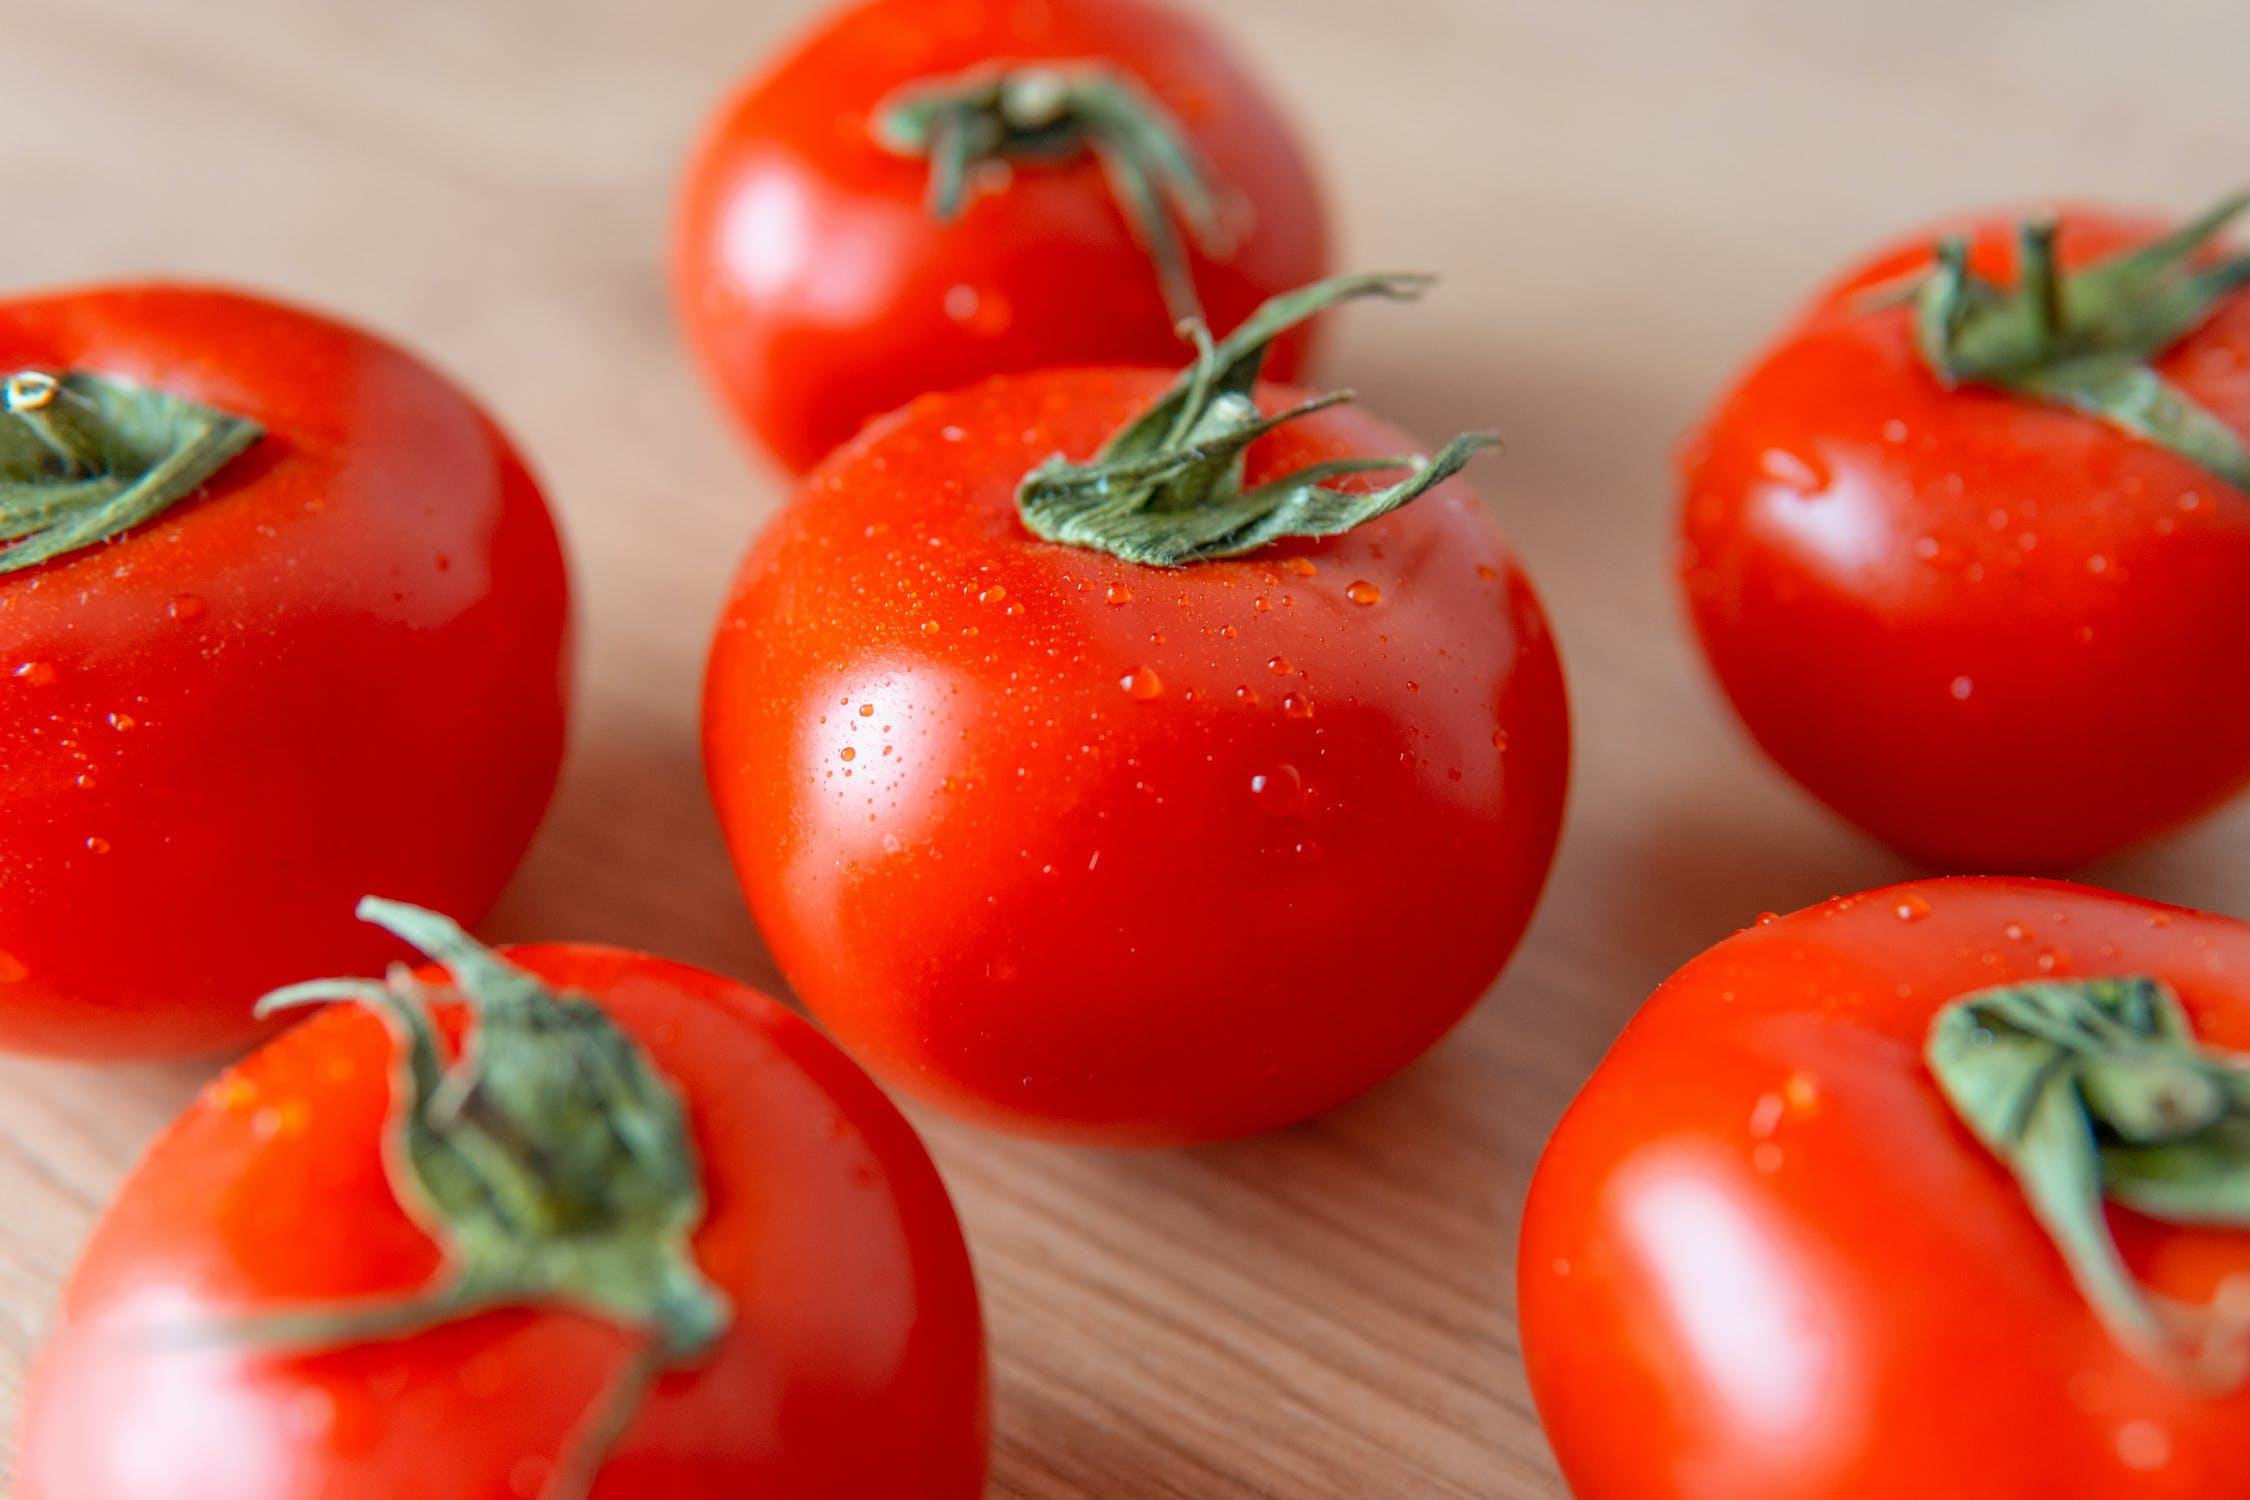 rekomendasi bahan alami skincare tomat